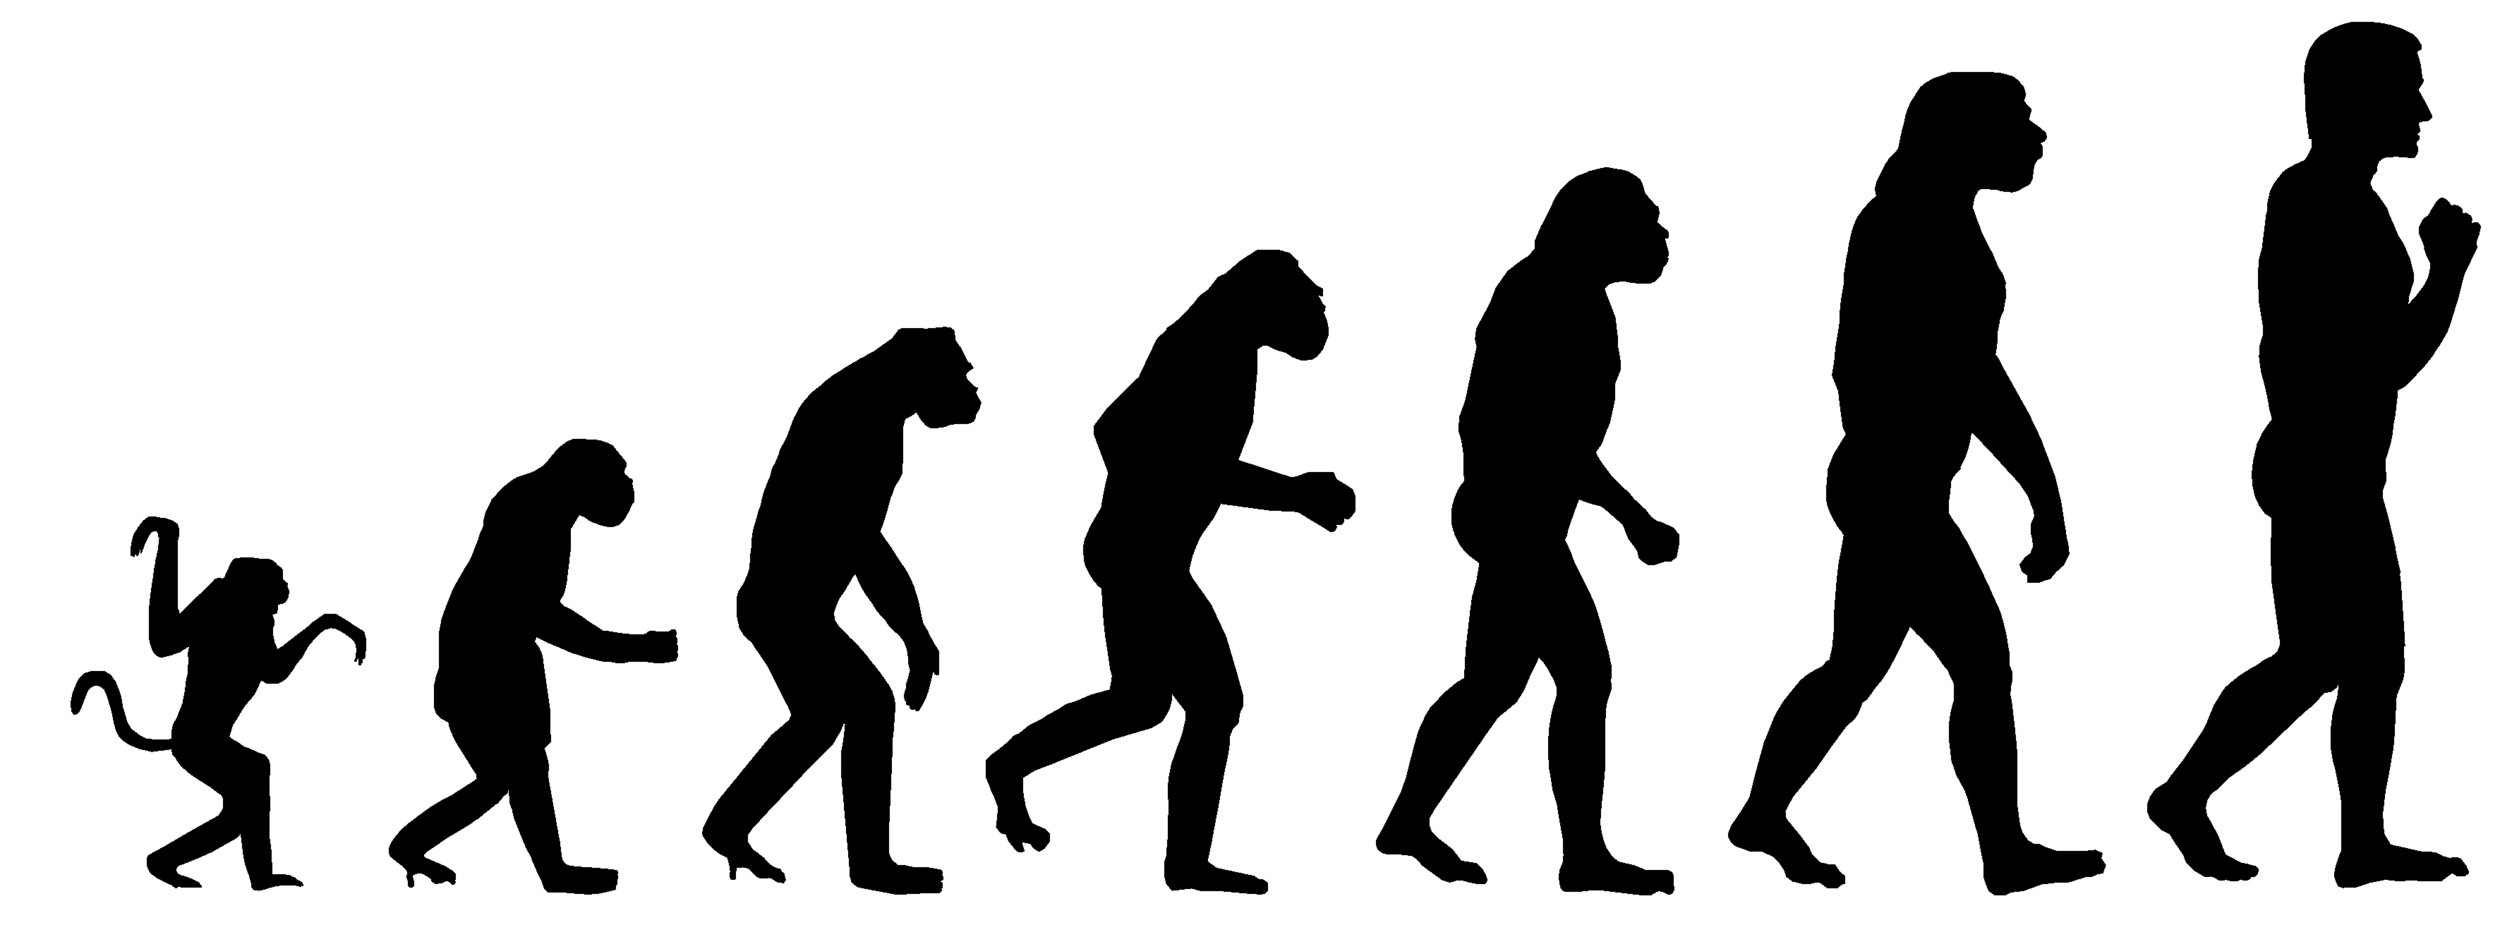 evol.jpg